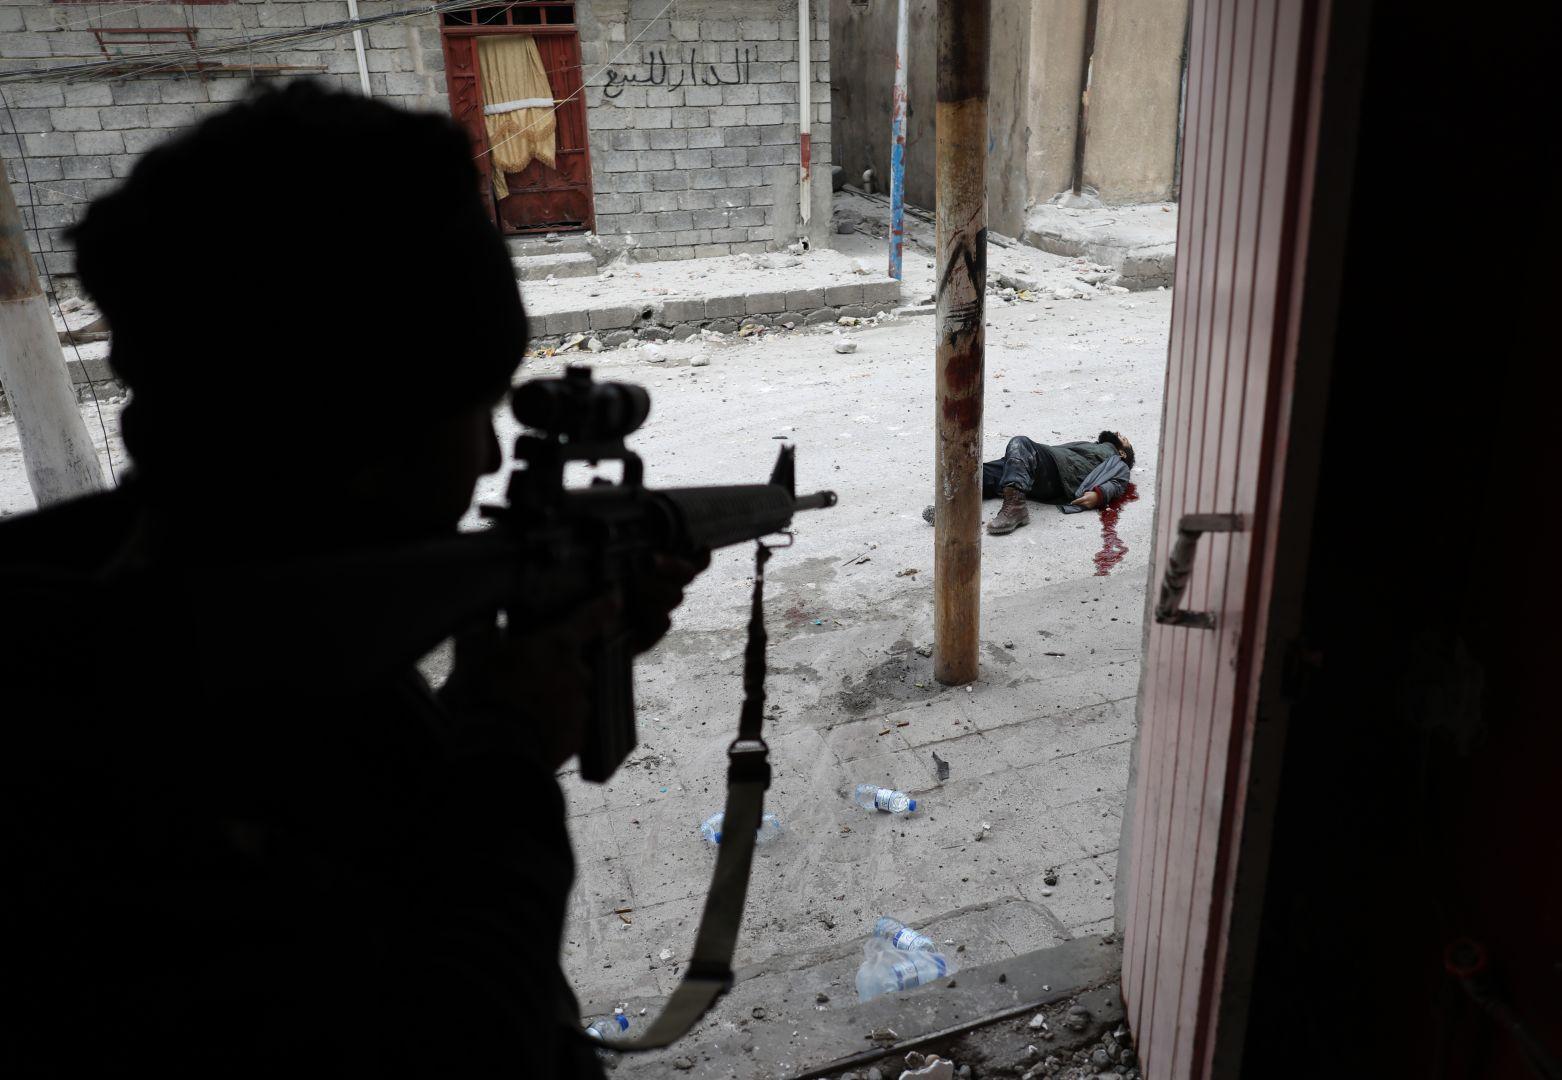 Ближний Восток, Ирак, Мосул, © Горан Томашевич, Сербия, 3-й приз : одиночный кадр, Фотоконкурс World Press Photo